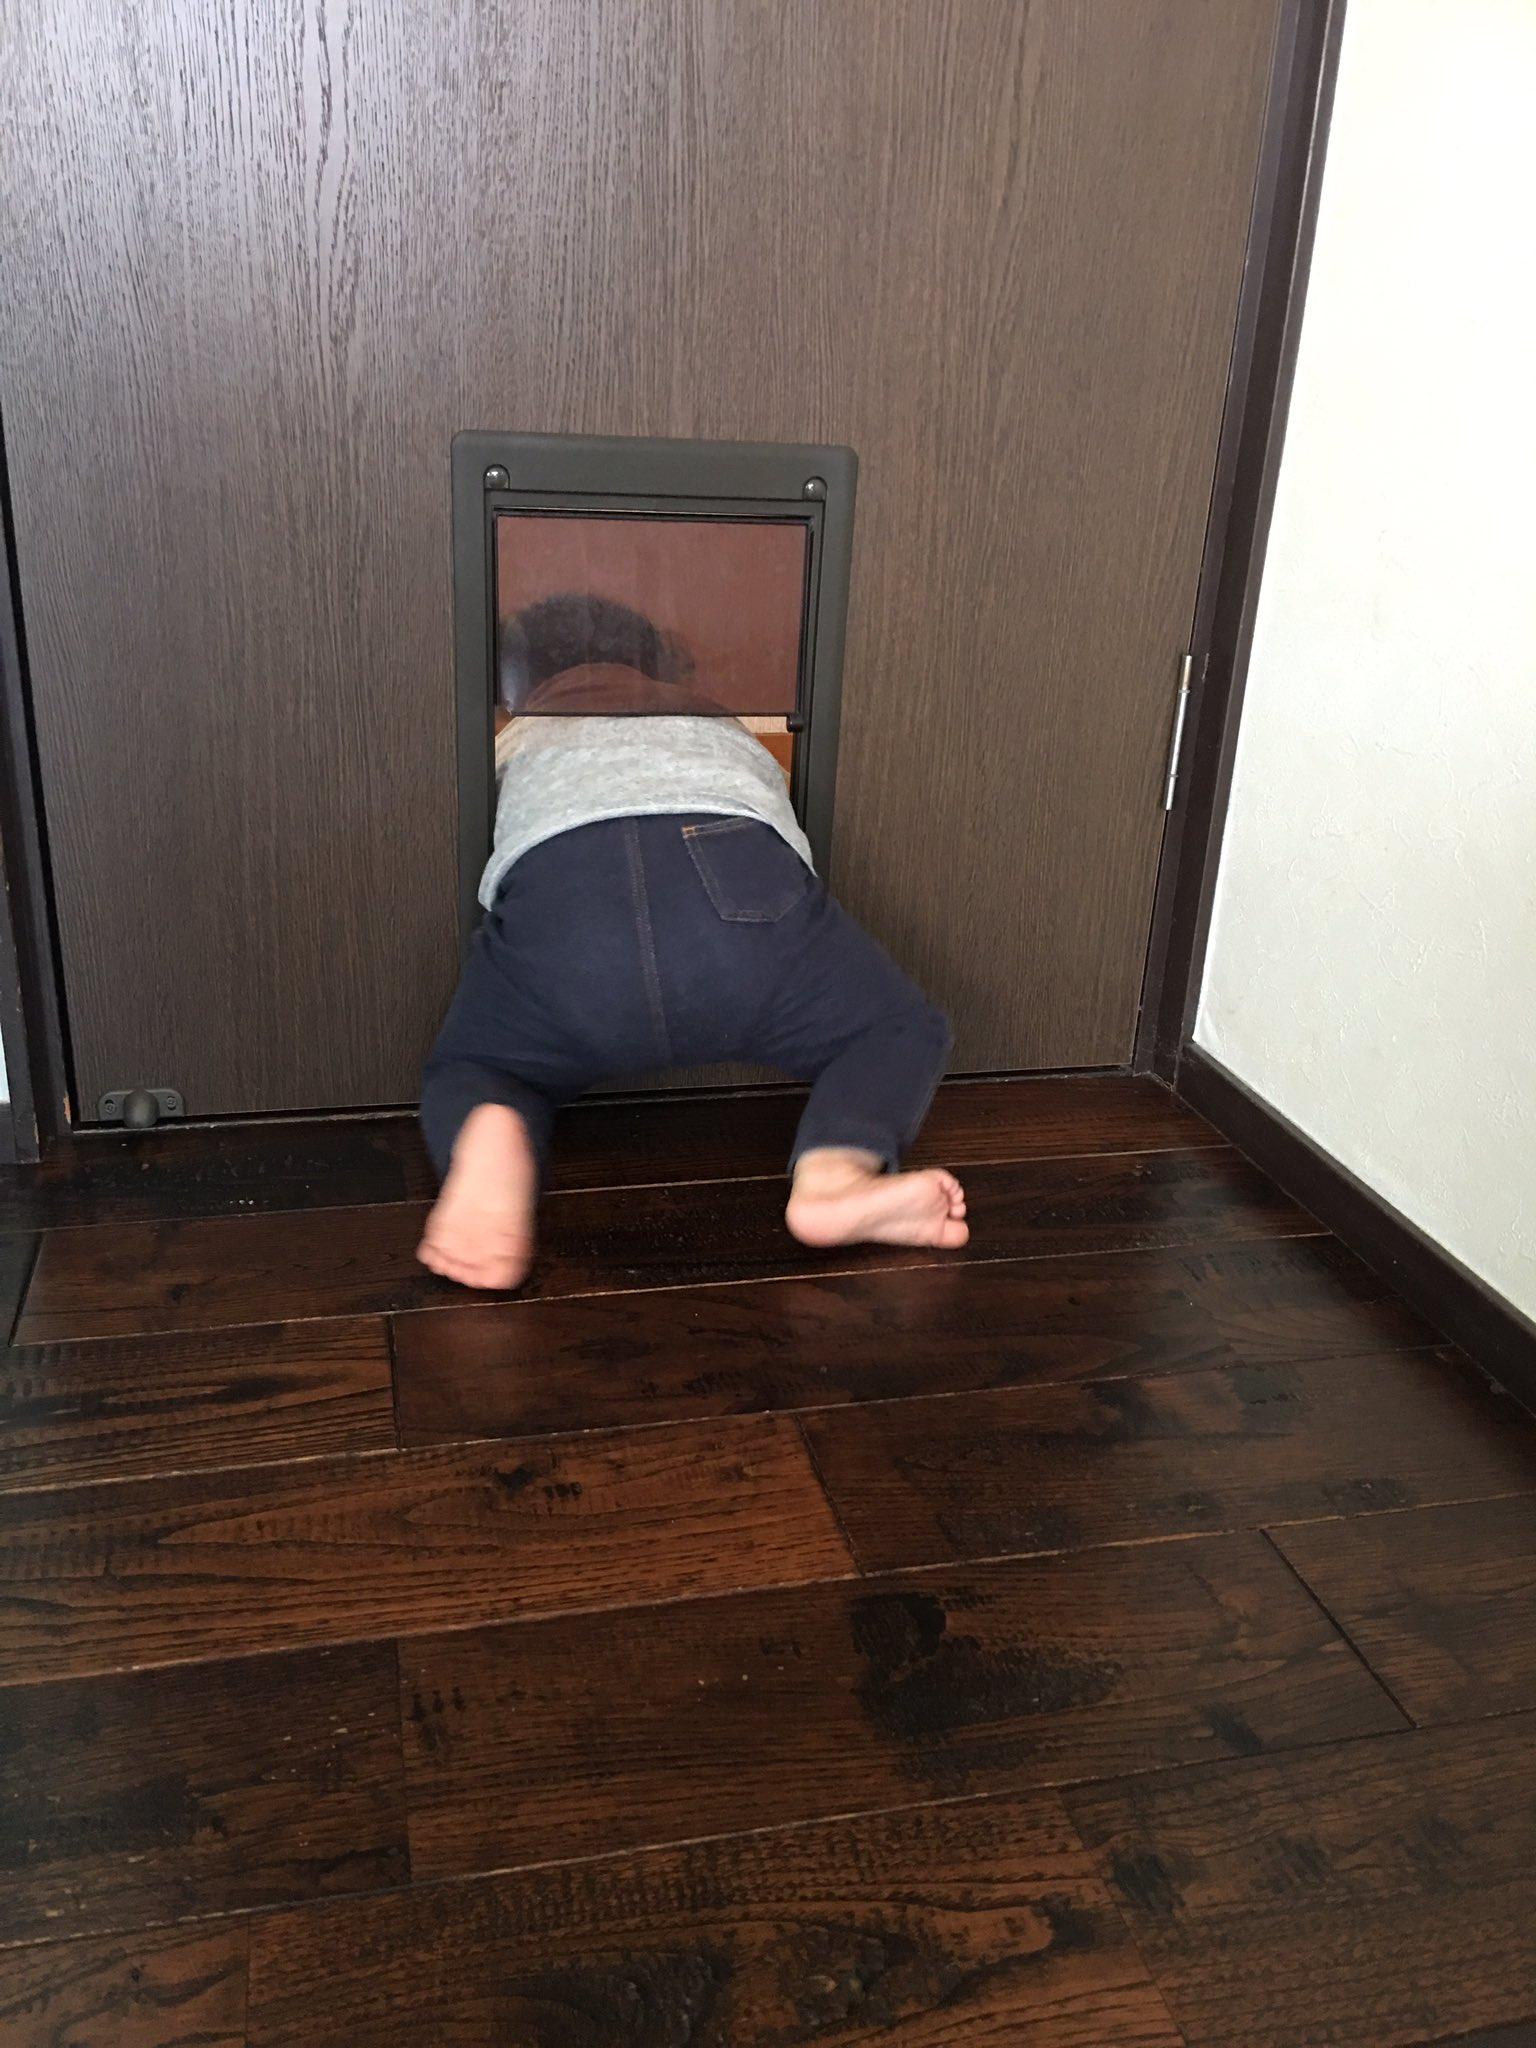 犬や猫だけとが限らないwペット専用ドアは幼児兼用ドアであるwww